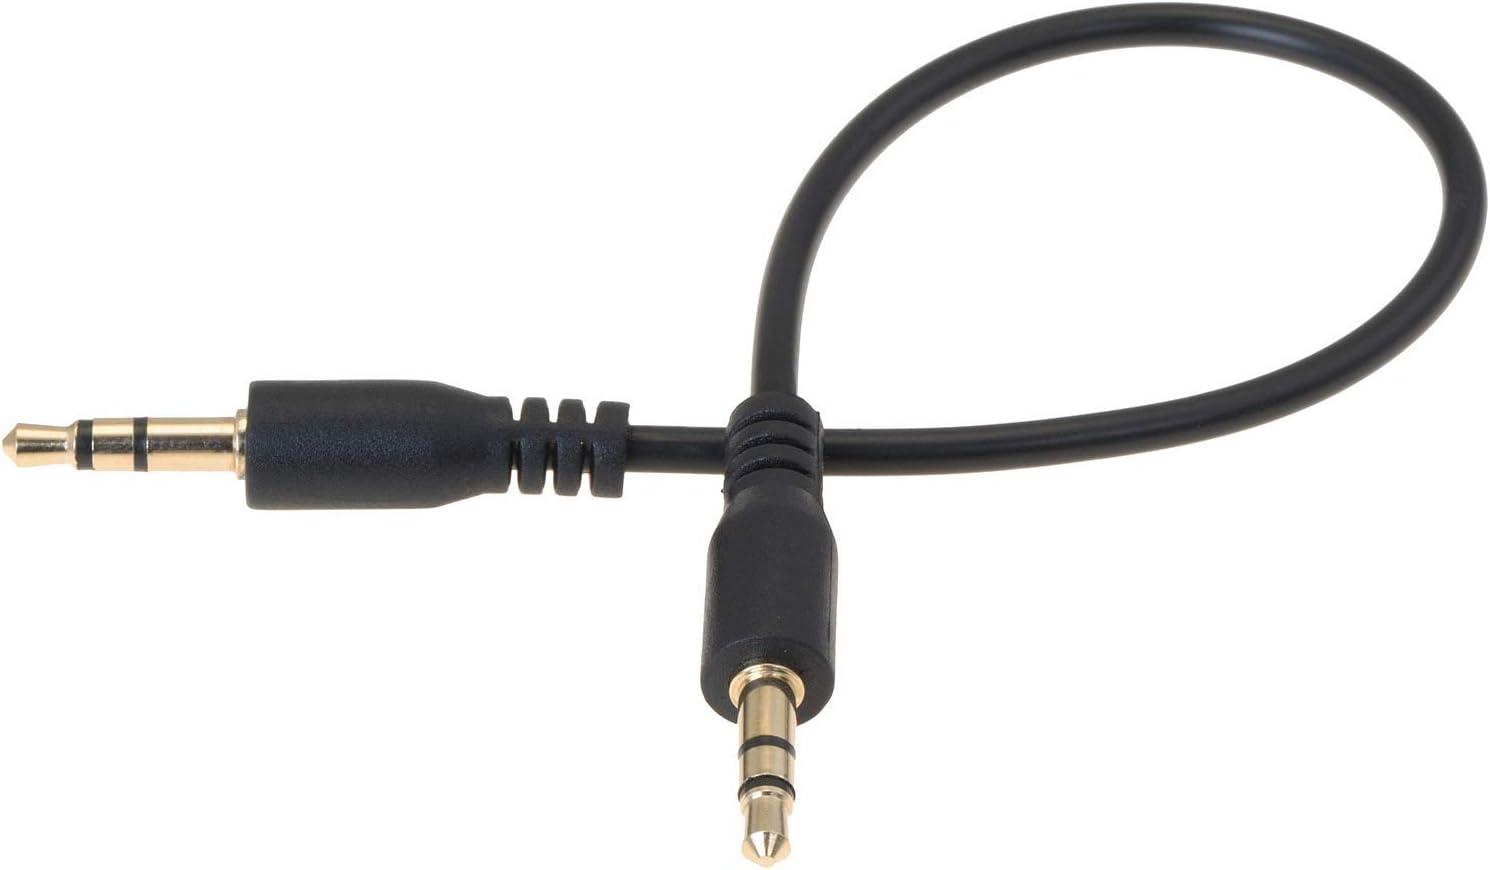 Valonic Aux Cable Short 20 Cm 3 5 Mm Audio Cable Elektronik